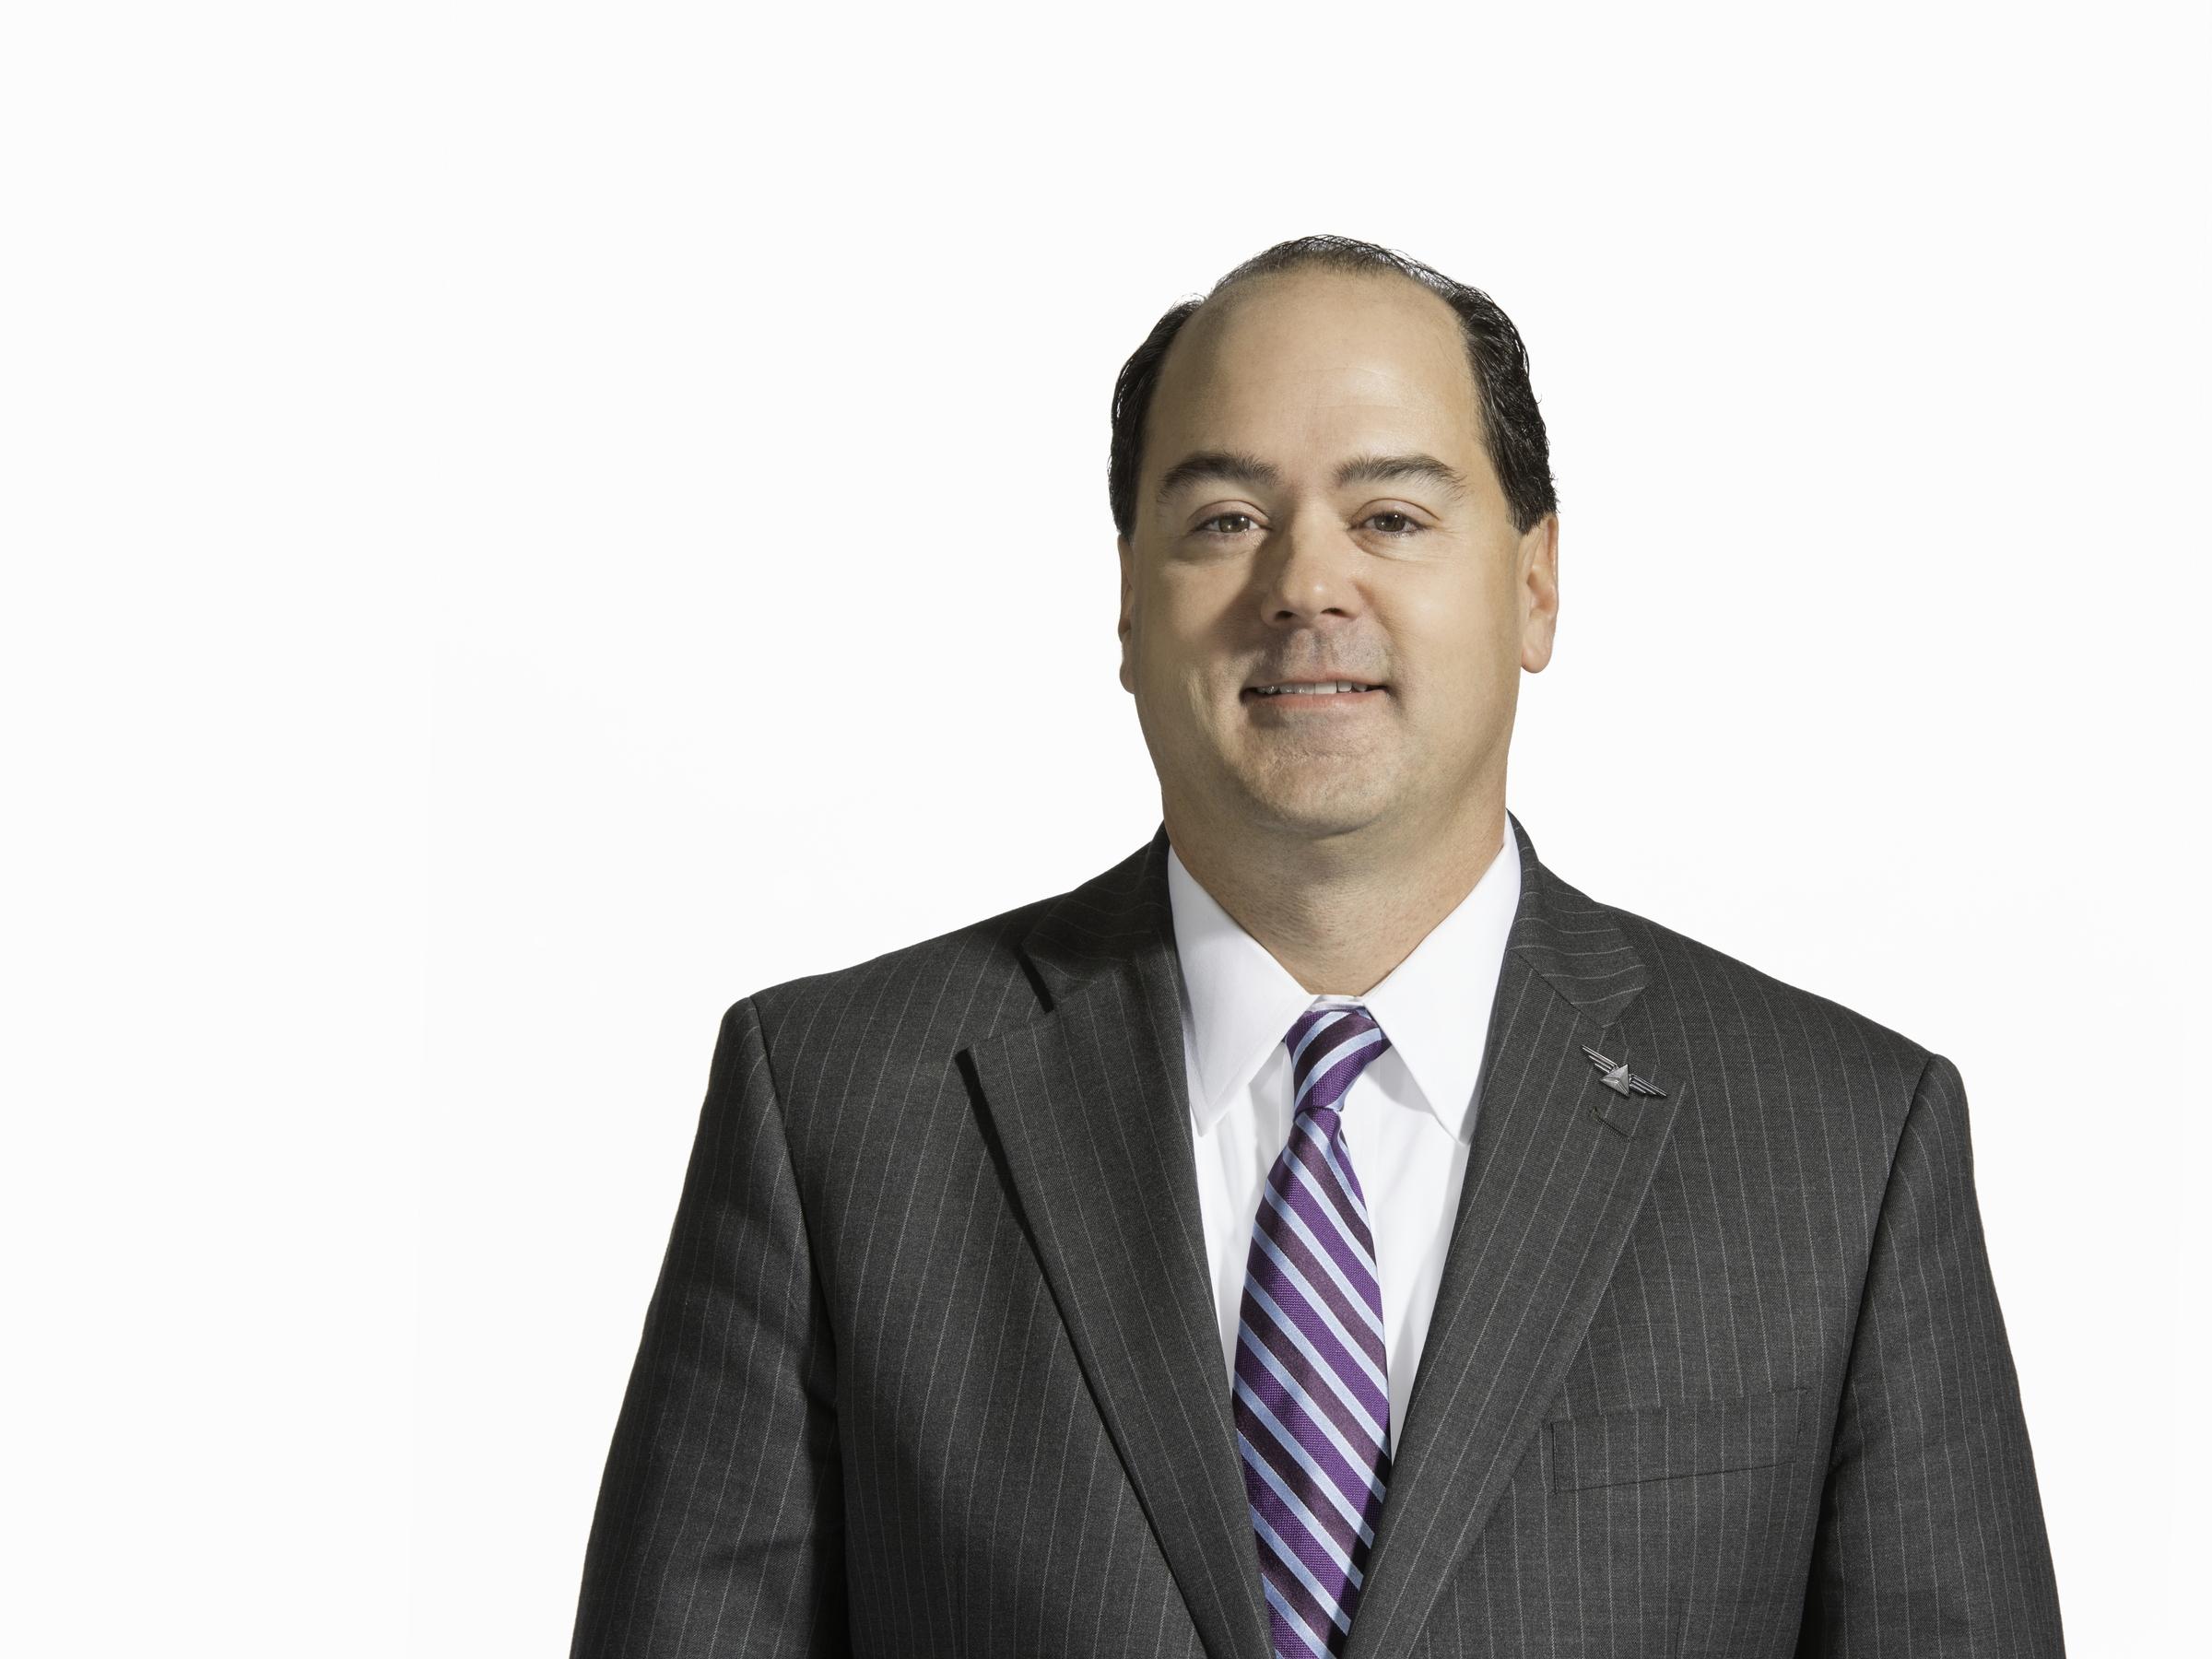 Mike Medeiros Executive Headshot